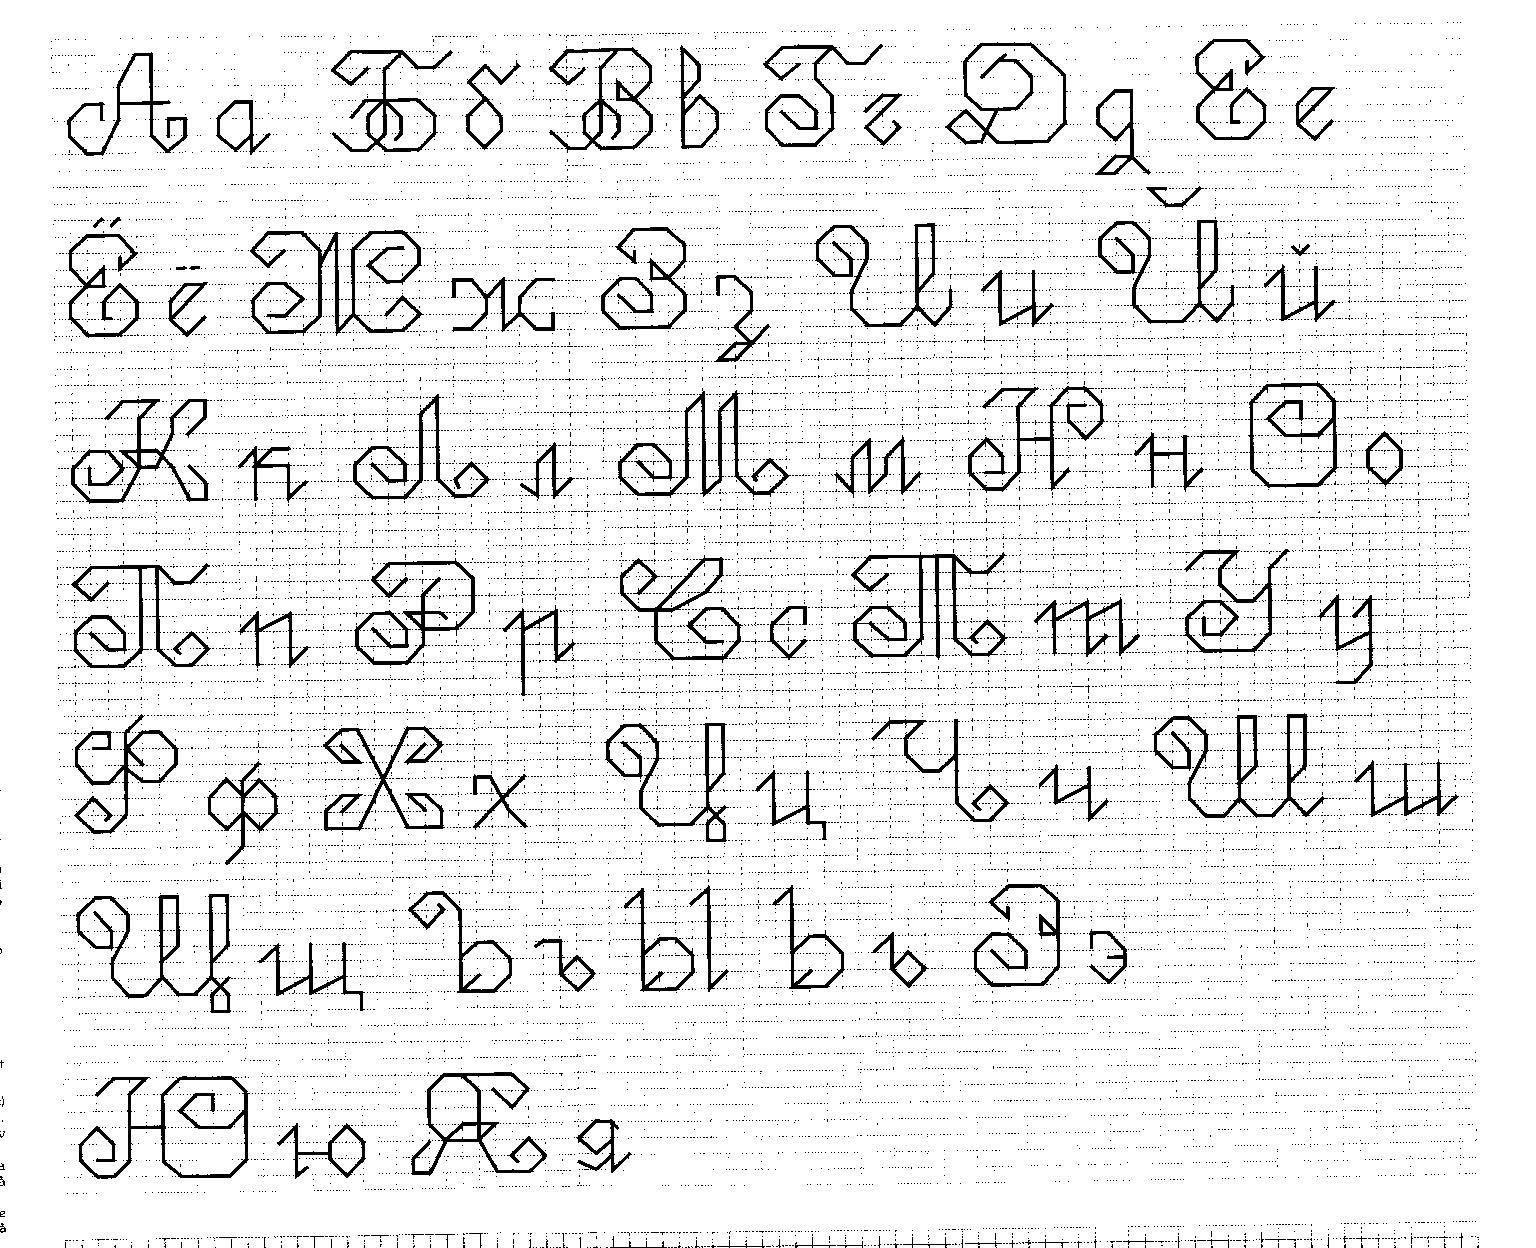 Шрифты русских кириллических букв 1 фотография